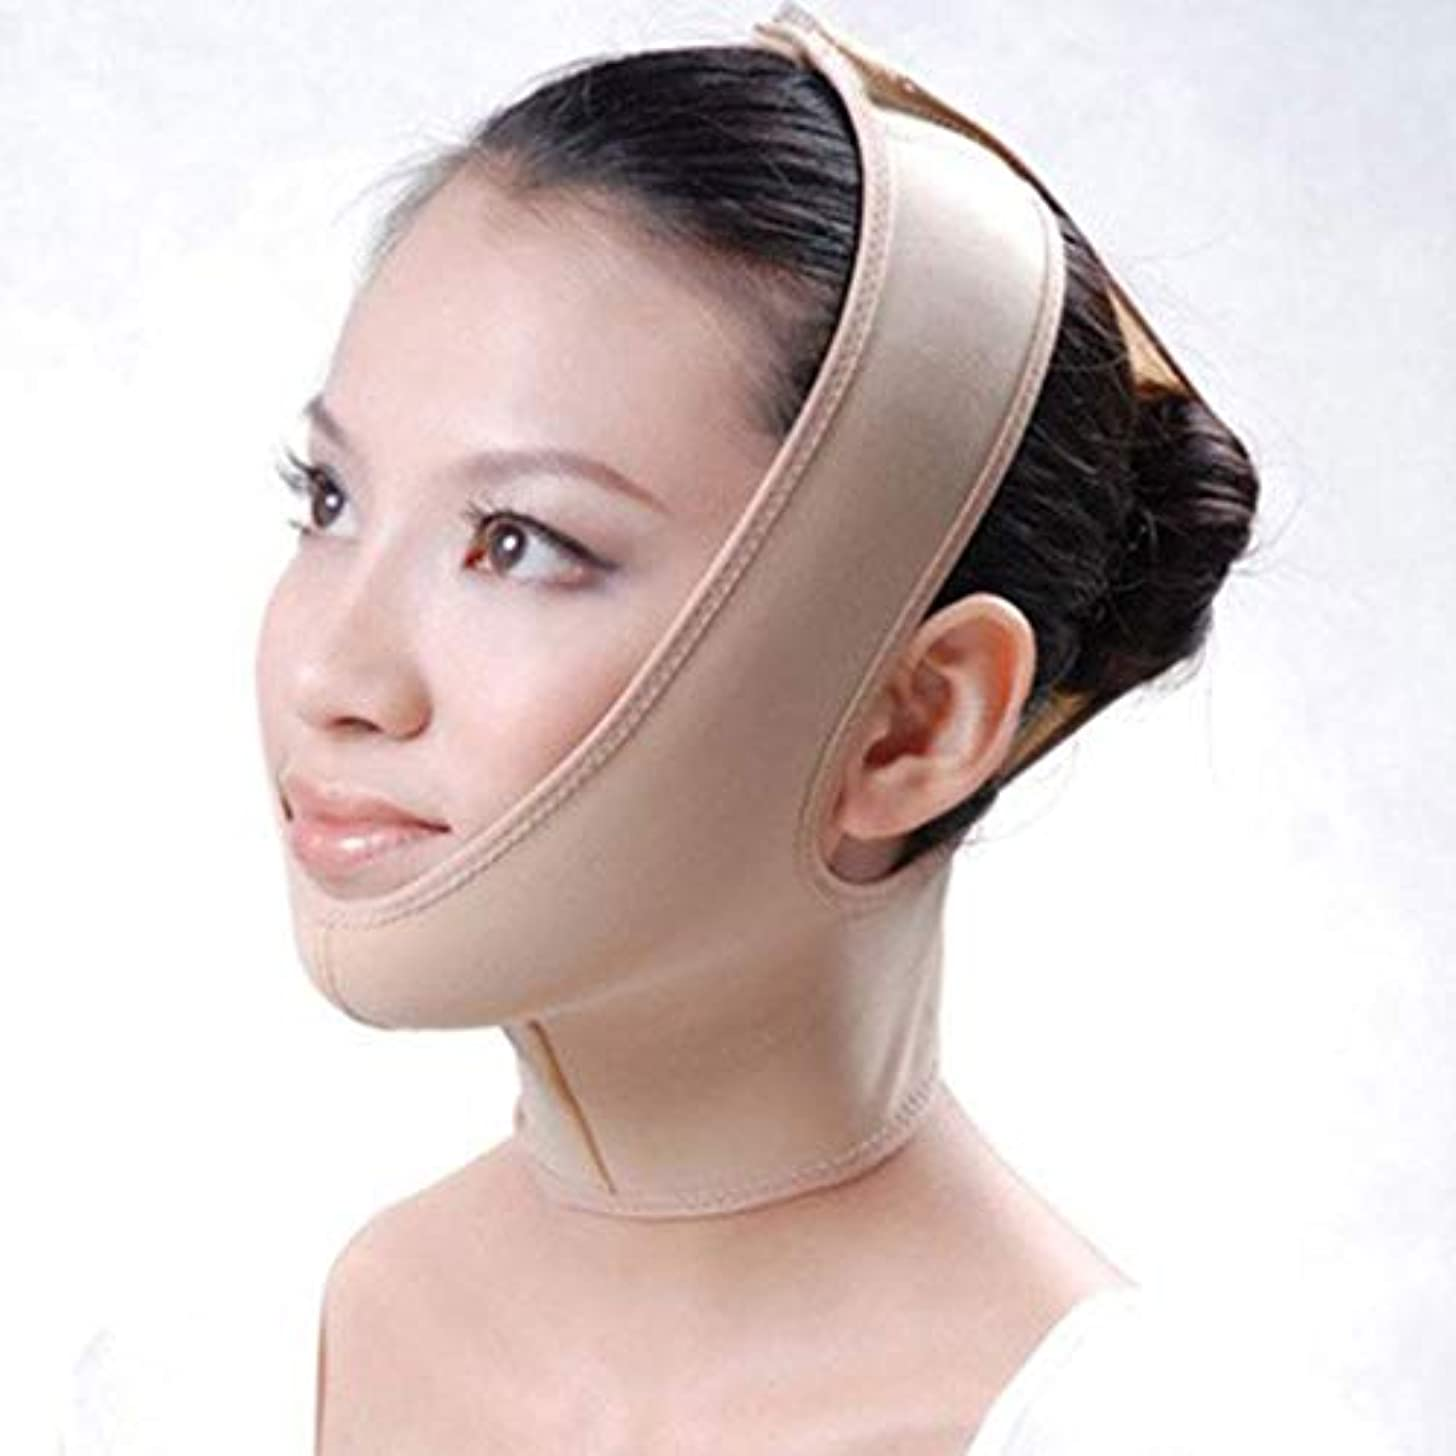 視聴者一元化する階層フェイスリフティングマスク、リフティングフェイス付きVフェイス、ラインリフティング包帯、ほっそりスリム、痩身のあごのマスク/あごの通気性のあご (XL)